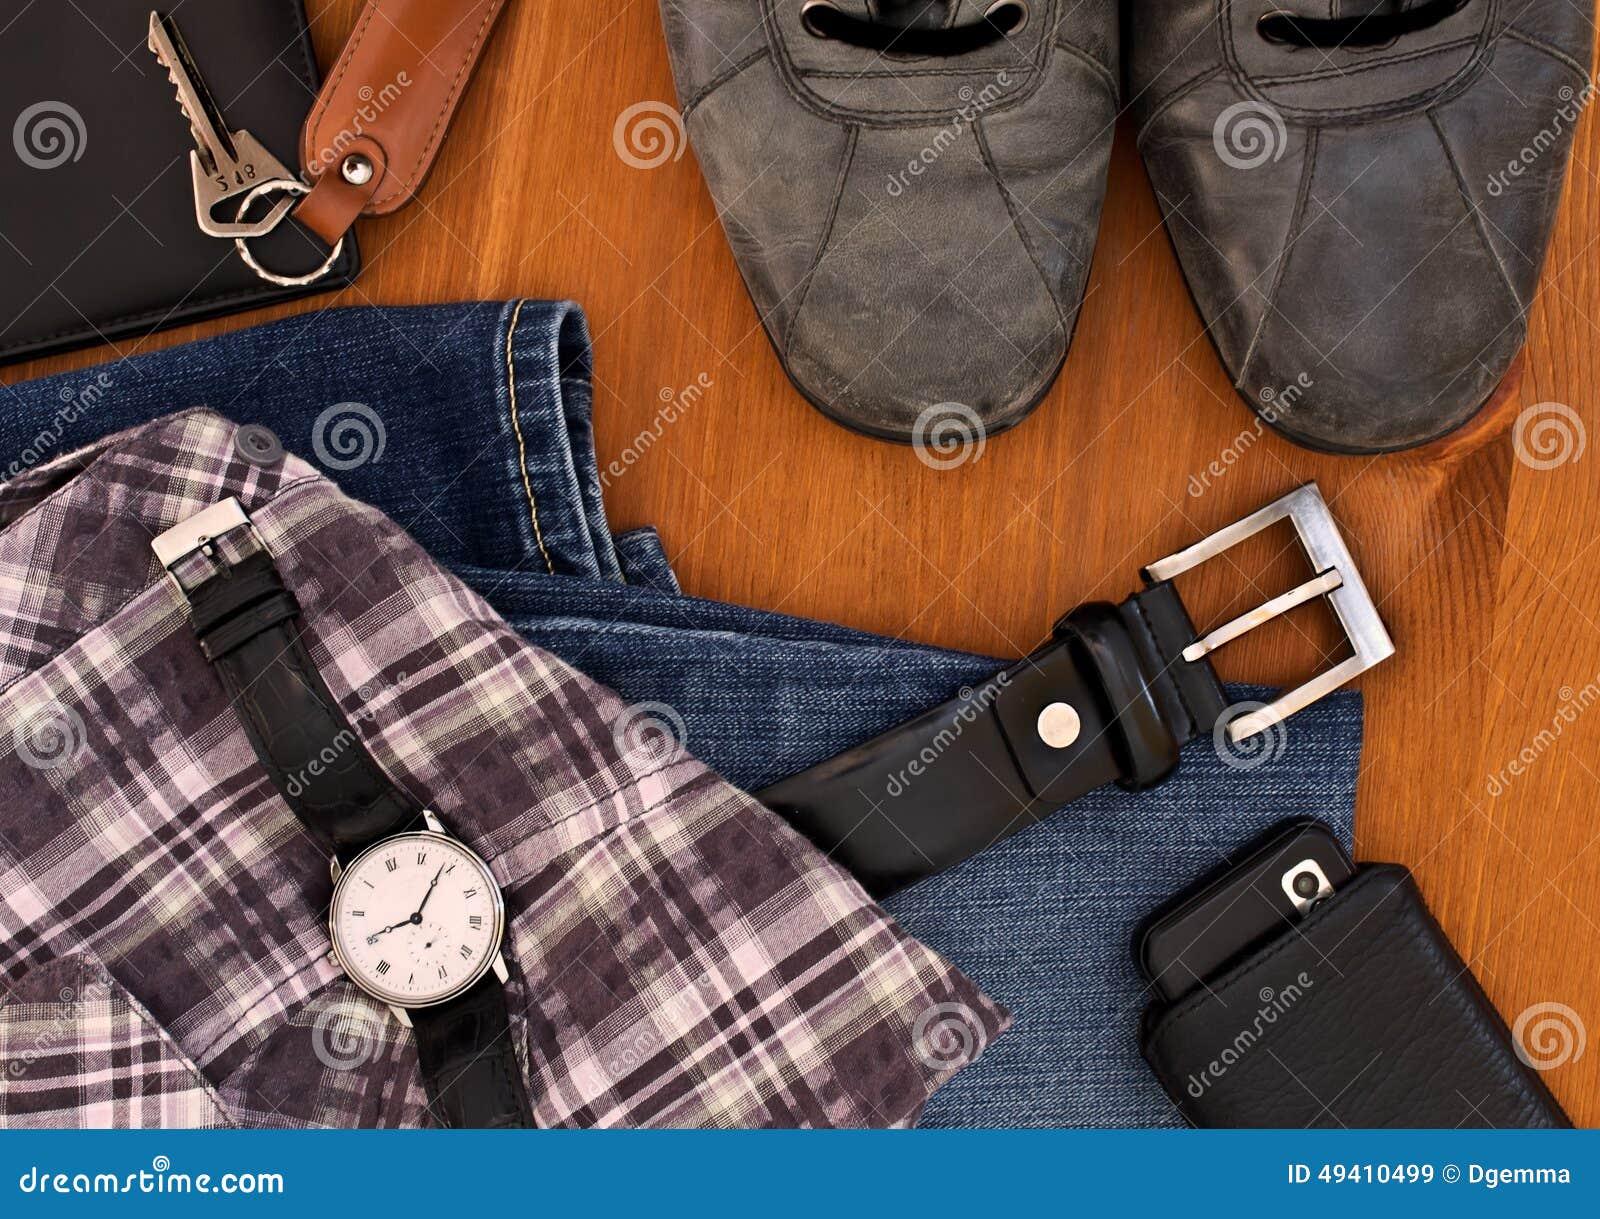 Download Kleidung Und Zubehör Der Männer Stockbild - Bild von männer, turnschuhe: 49410499